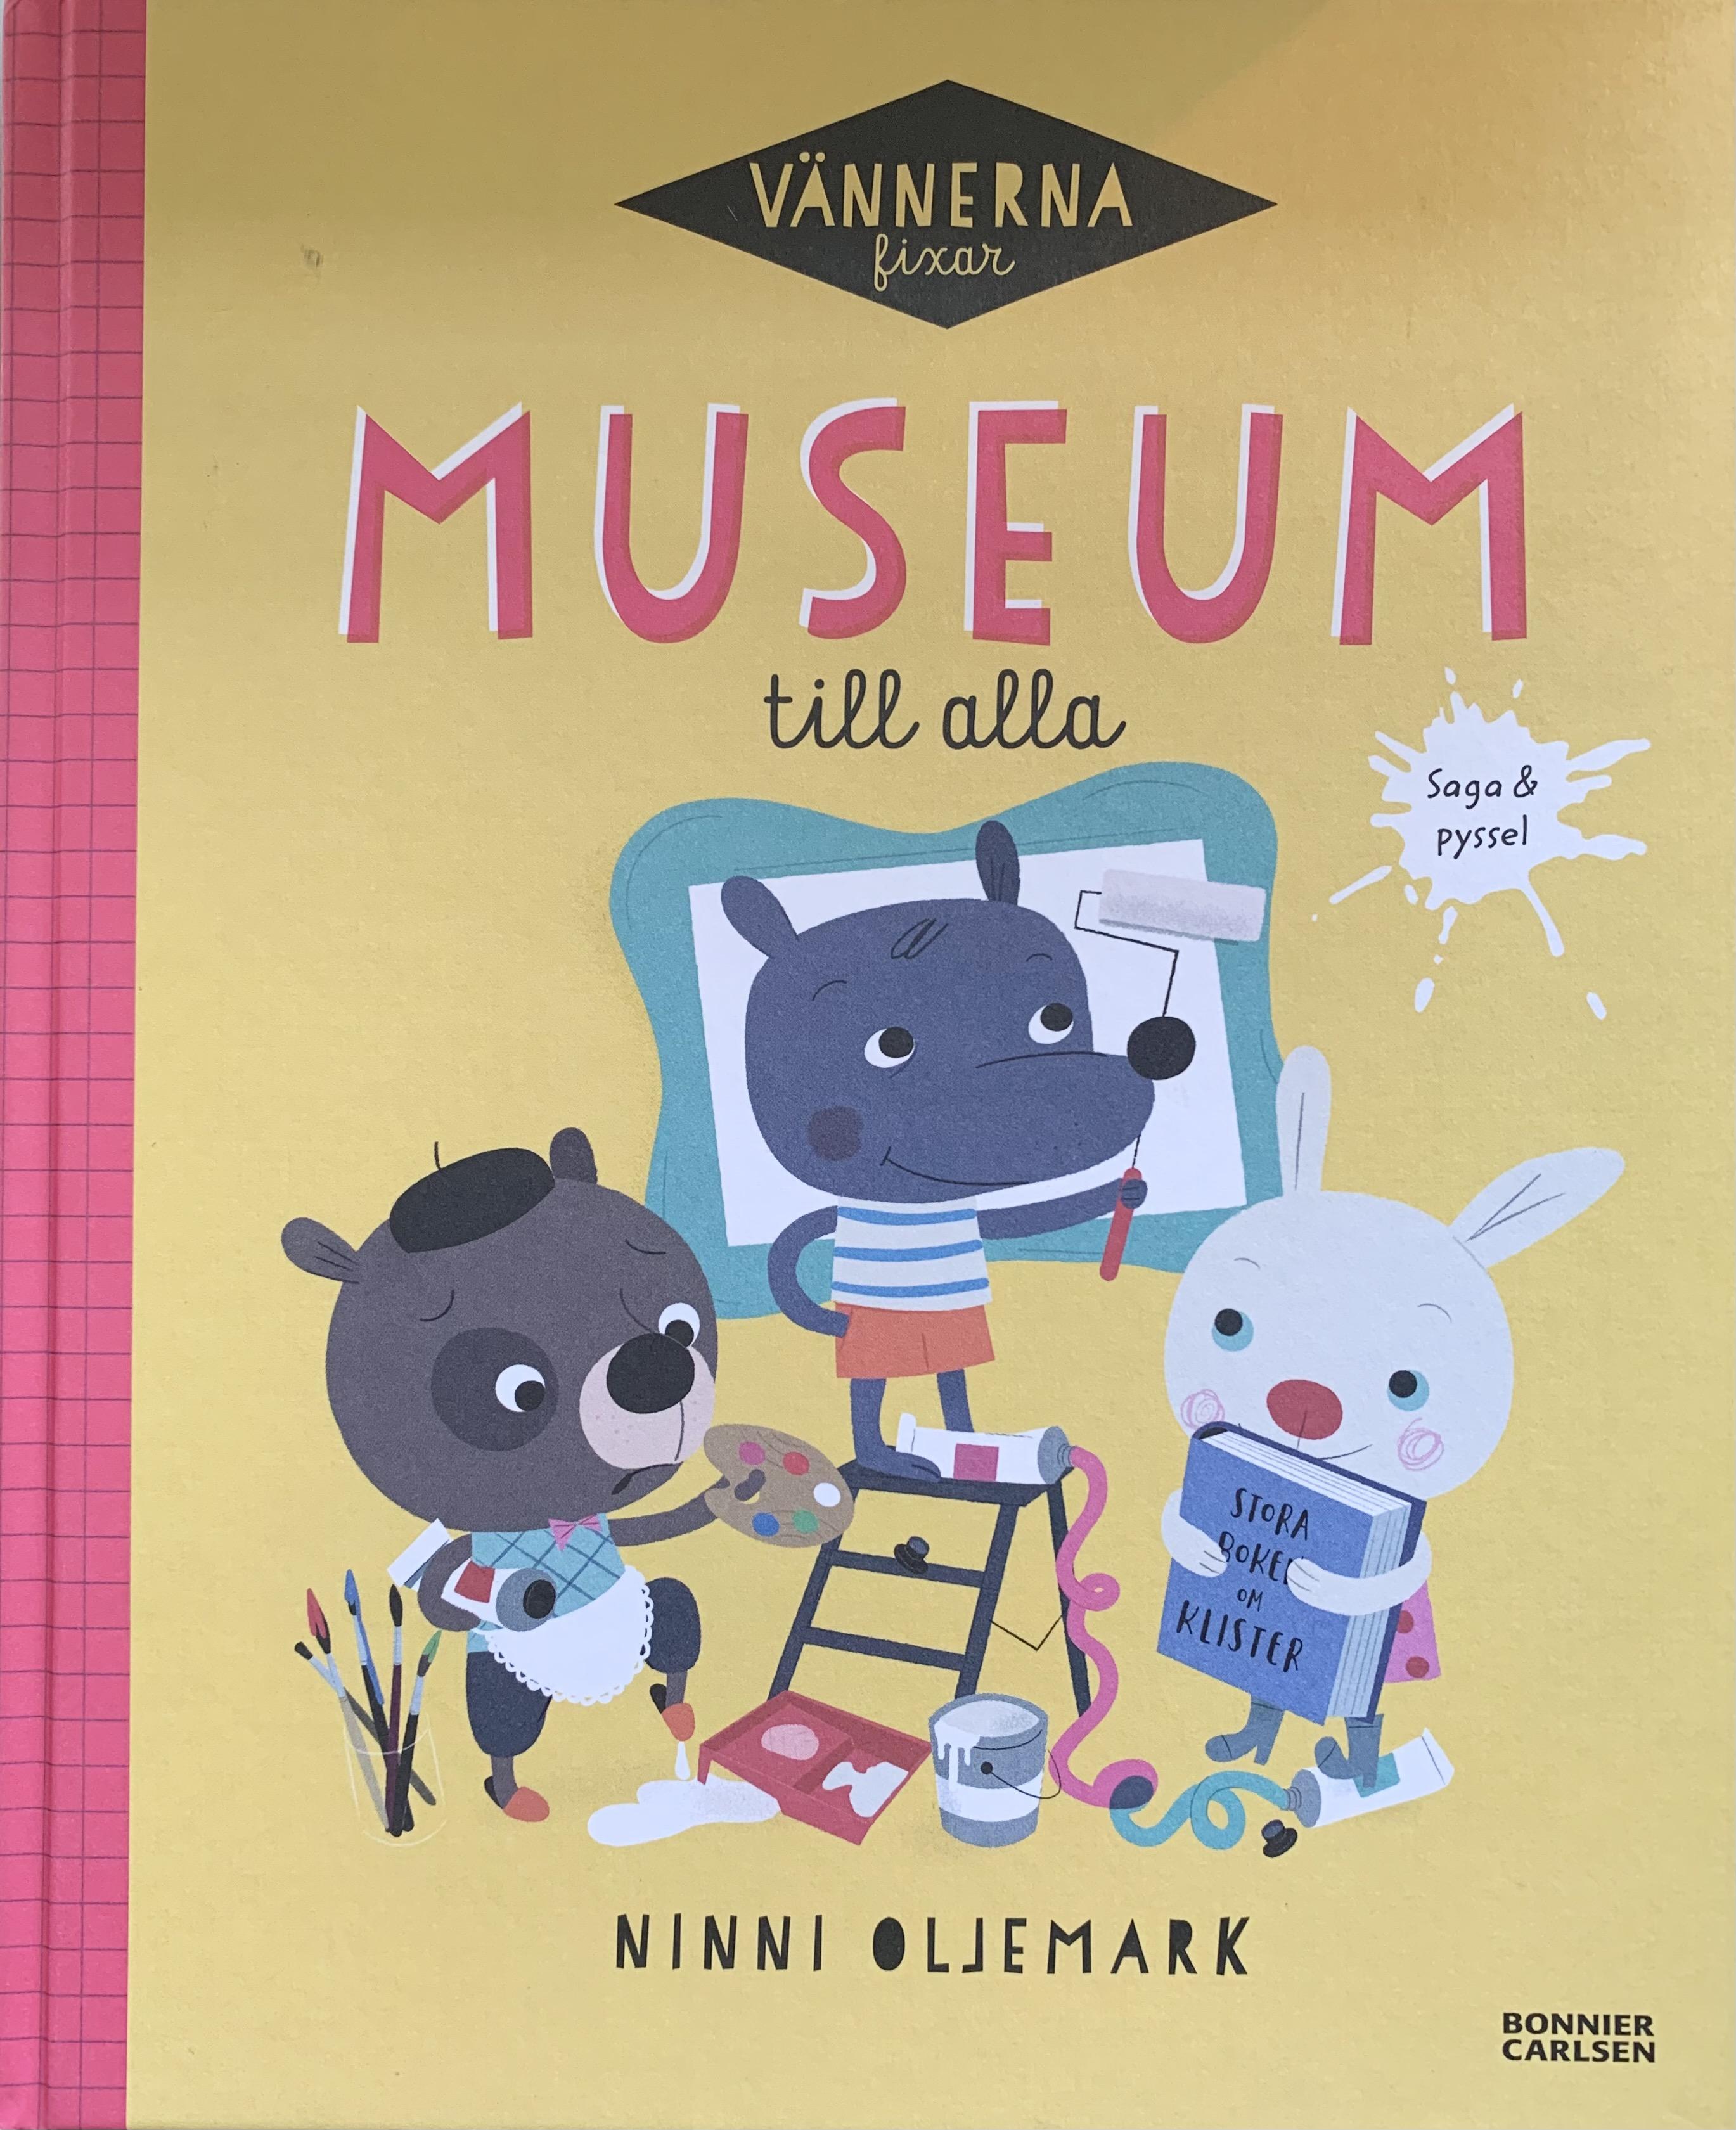 Vännerna fixar museum till alla